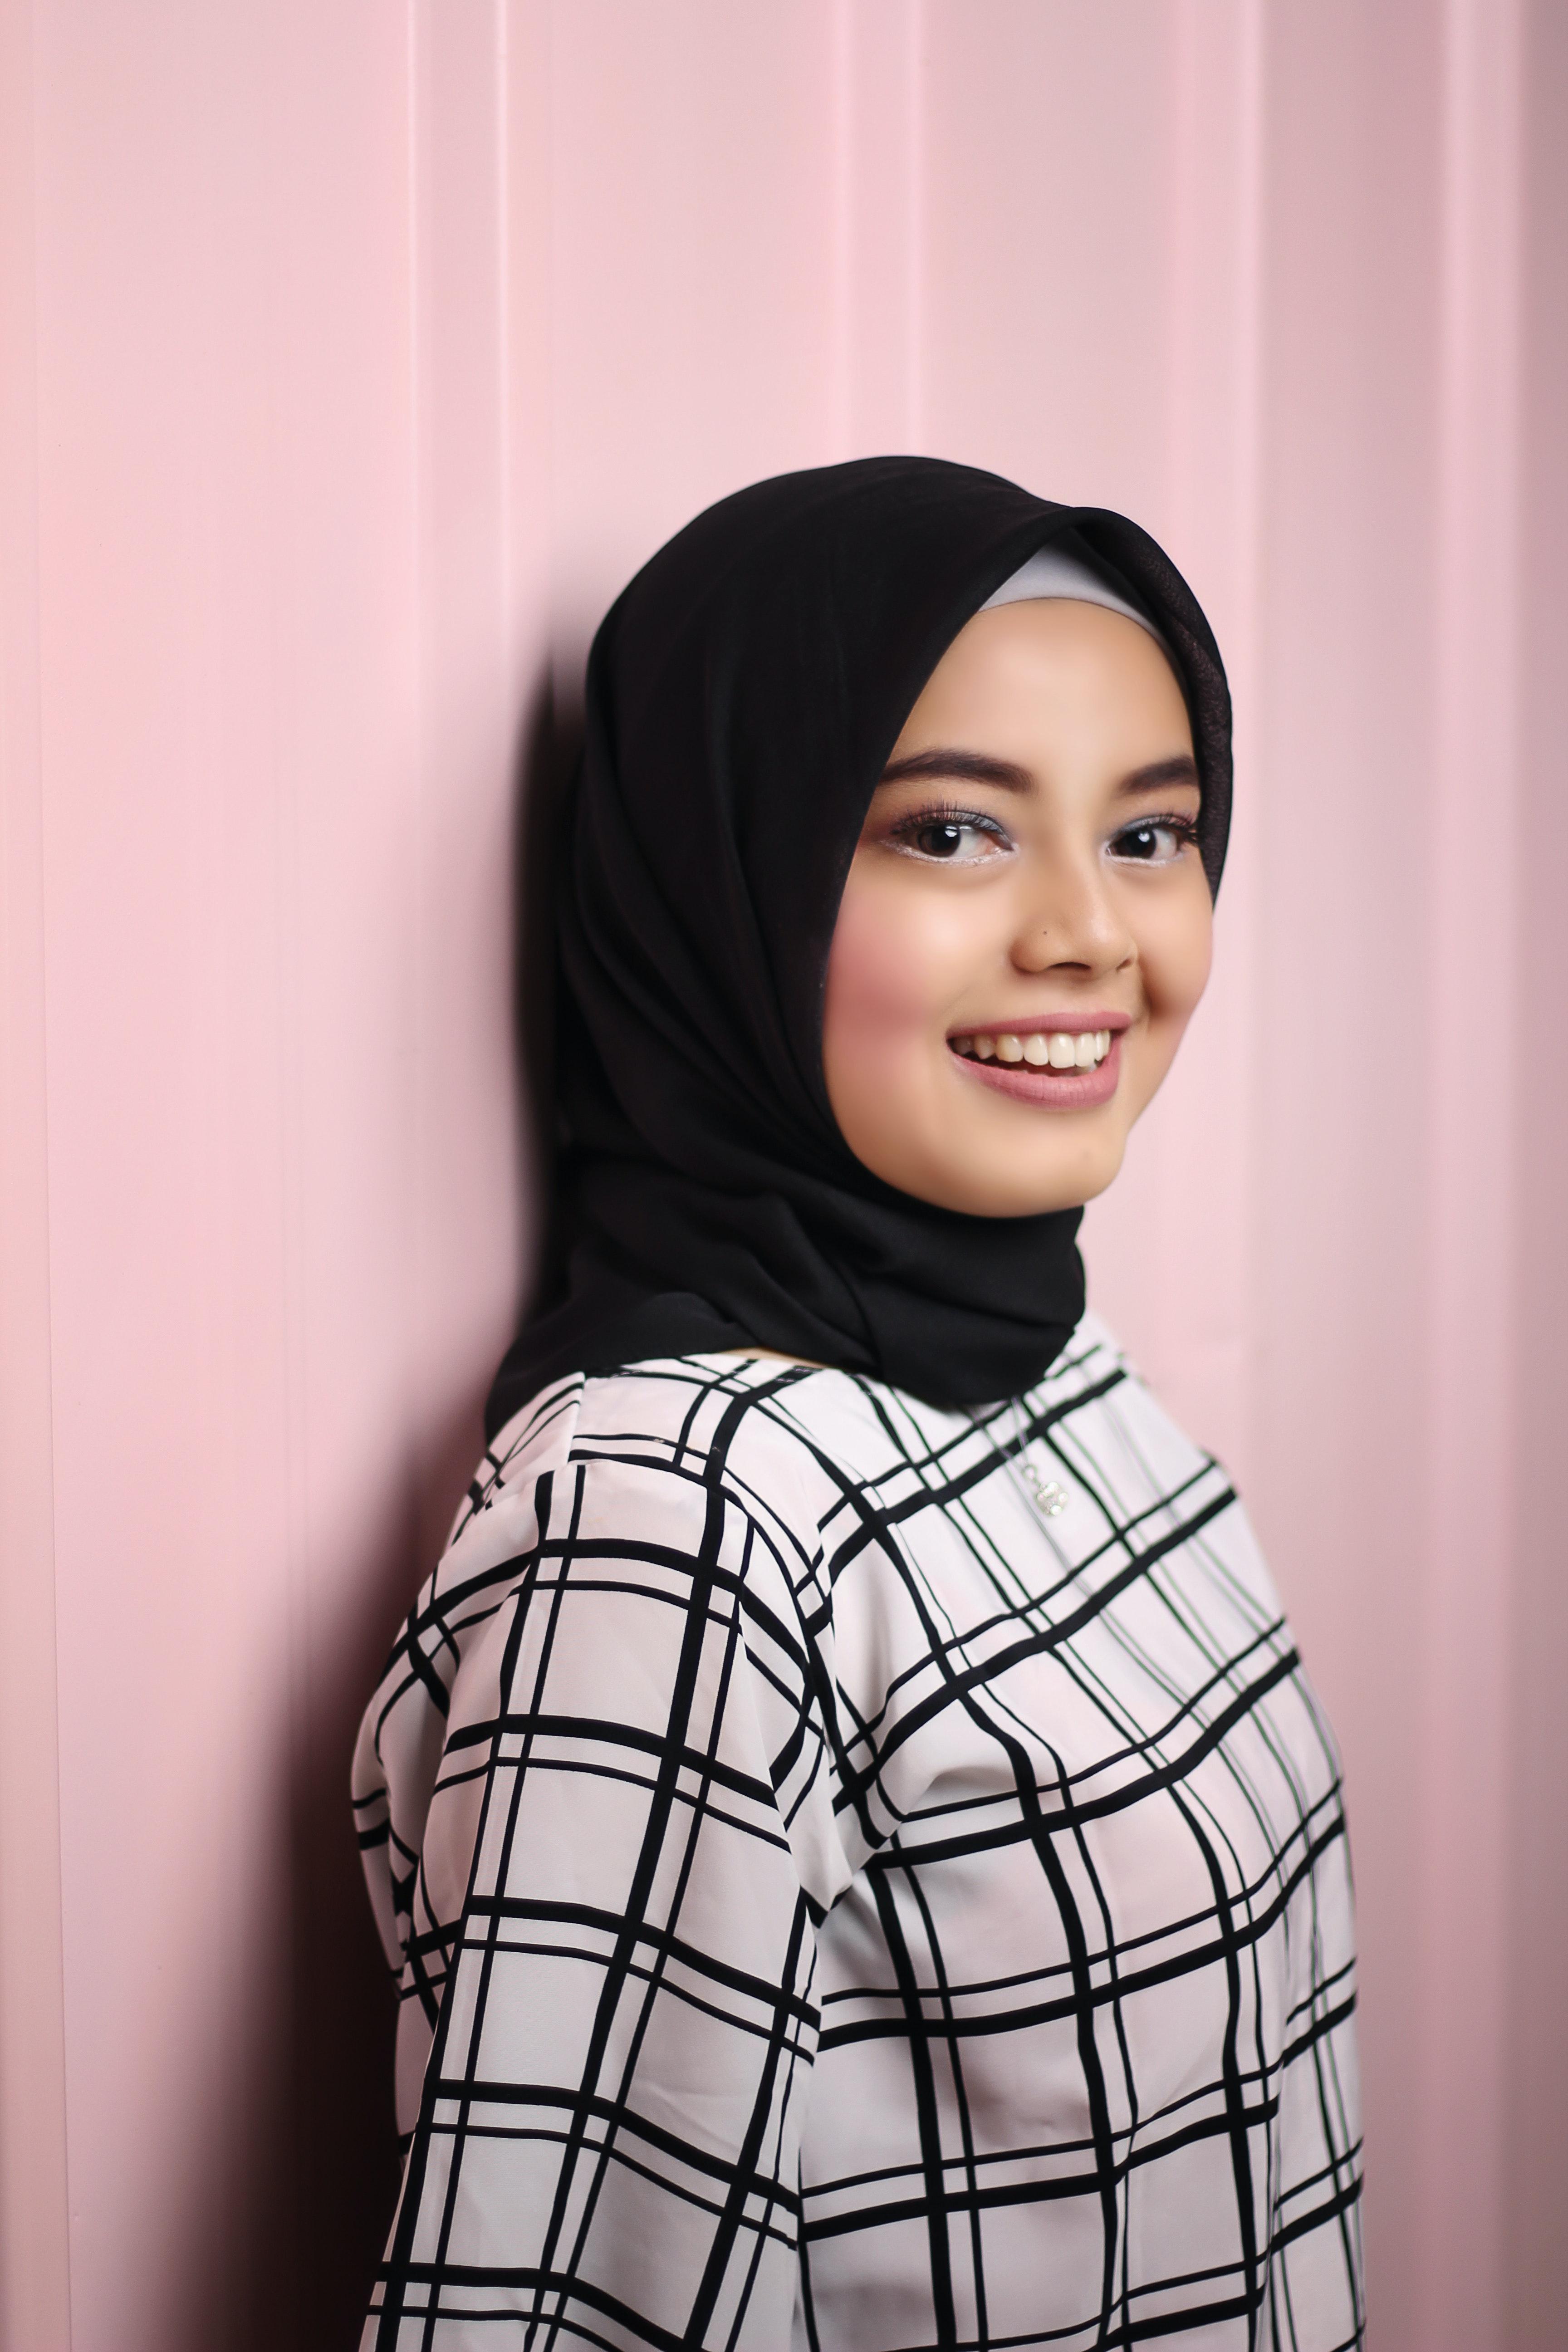 ba38c7082e 100+ Beautiful Hijab Photos · Pexels · Free Stock Photos